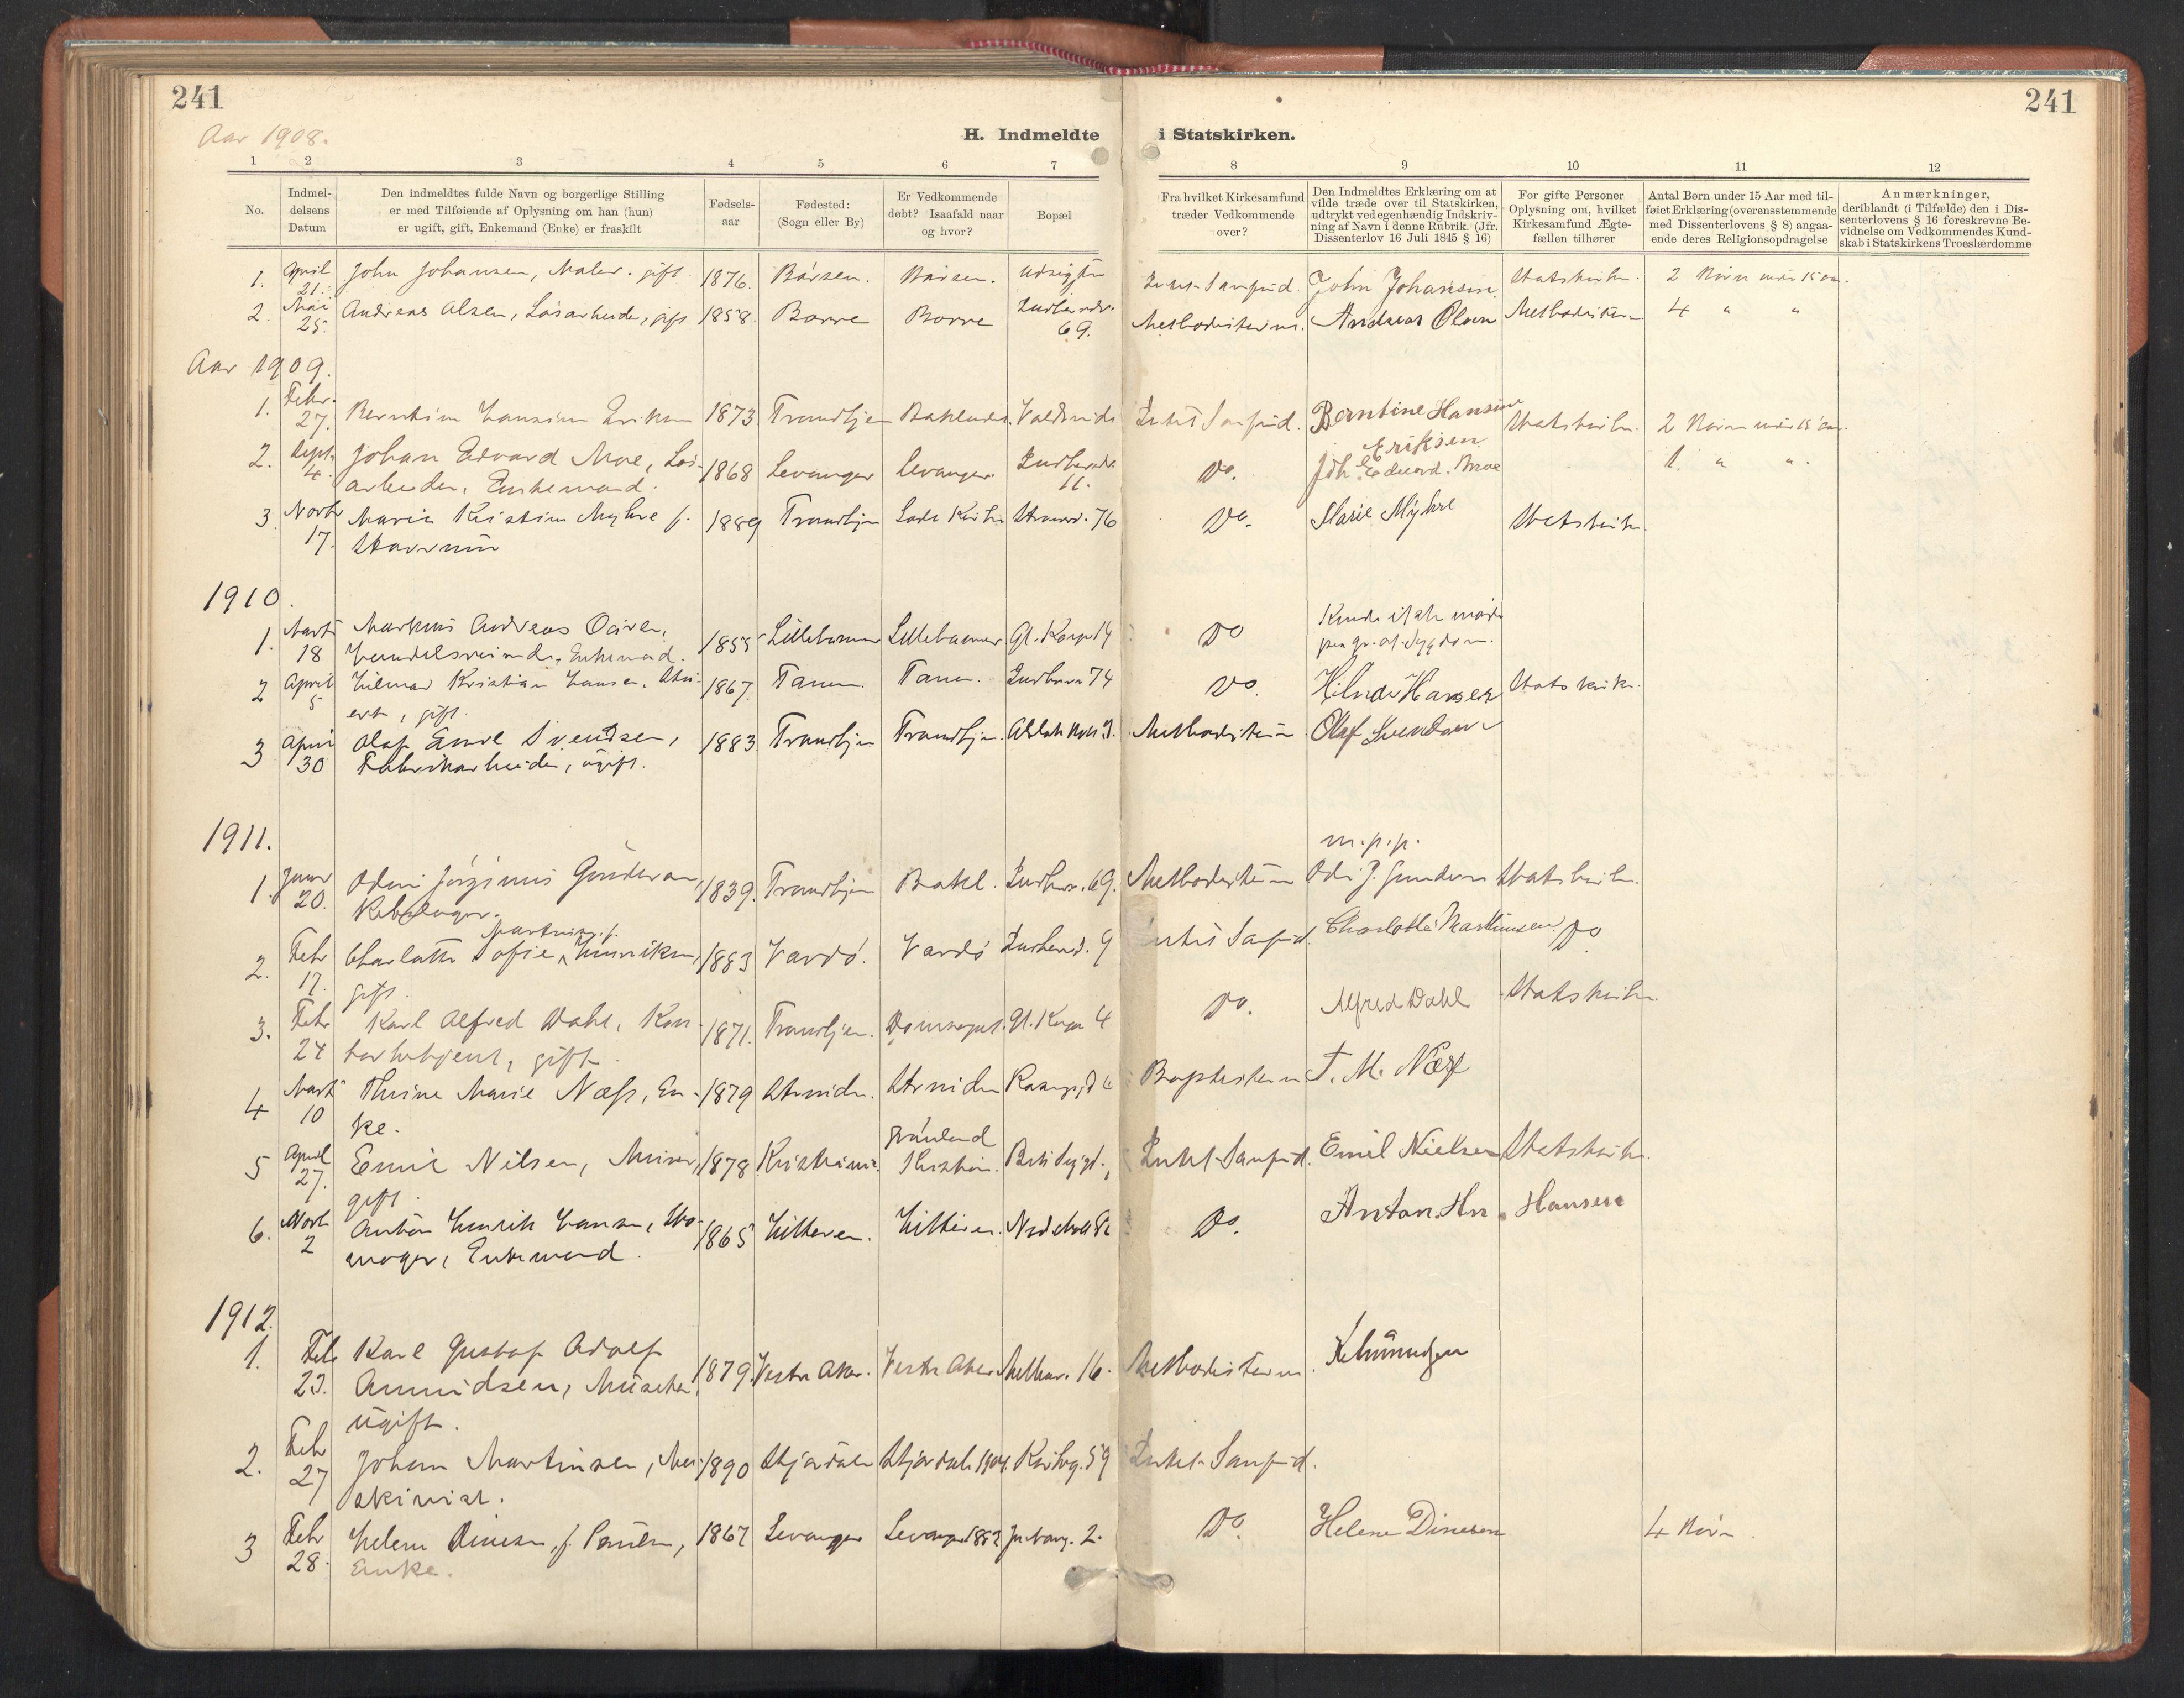 SAT, Ministerialprotokoller, klokkerbøker og fødselsregistre - Sør-Trøndelag, 605/L0244: Ministerialbok nr. 605A06, 1908-1954, s. 241